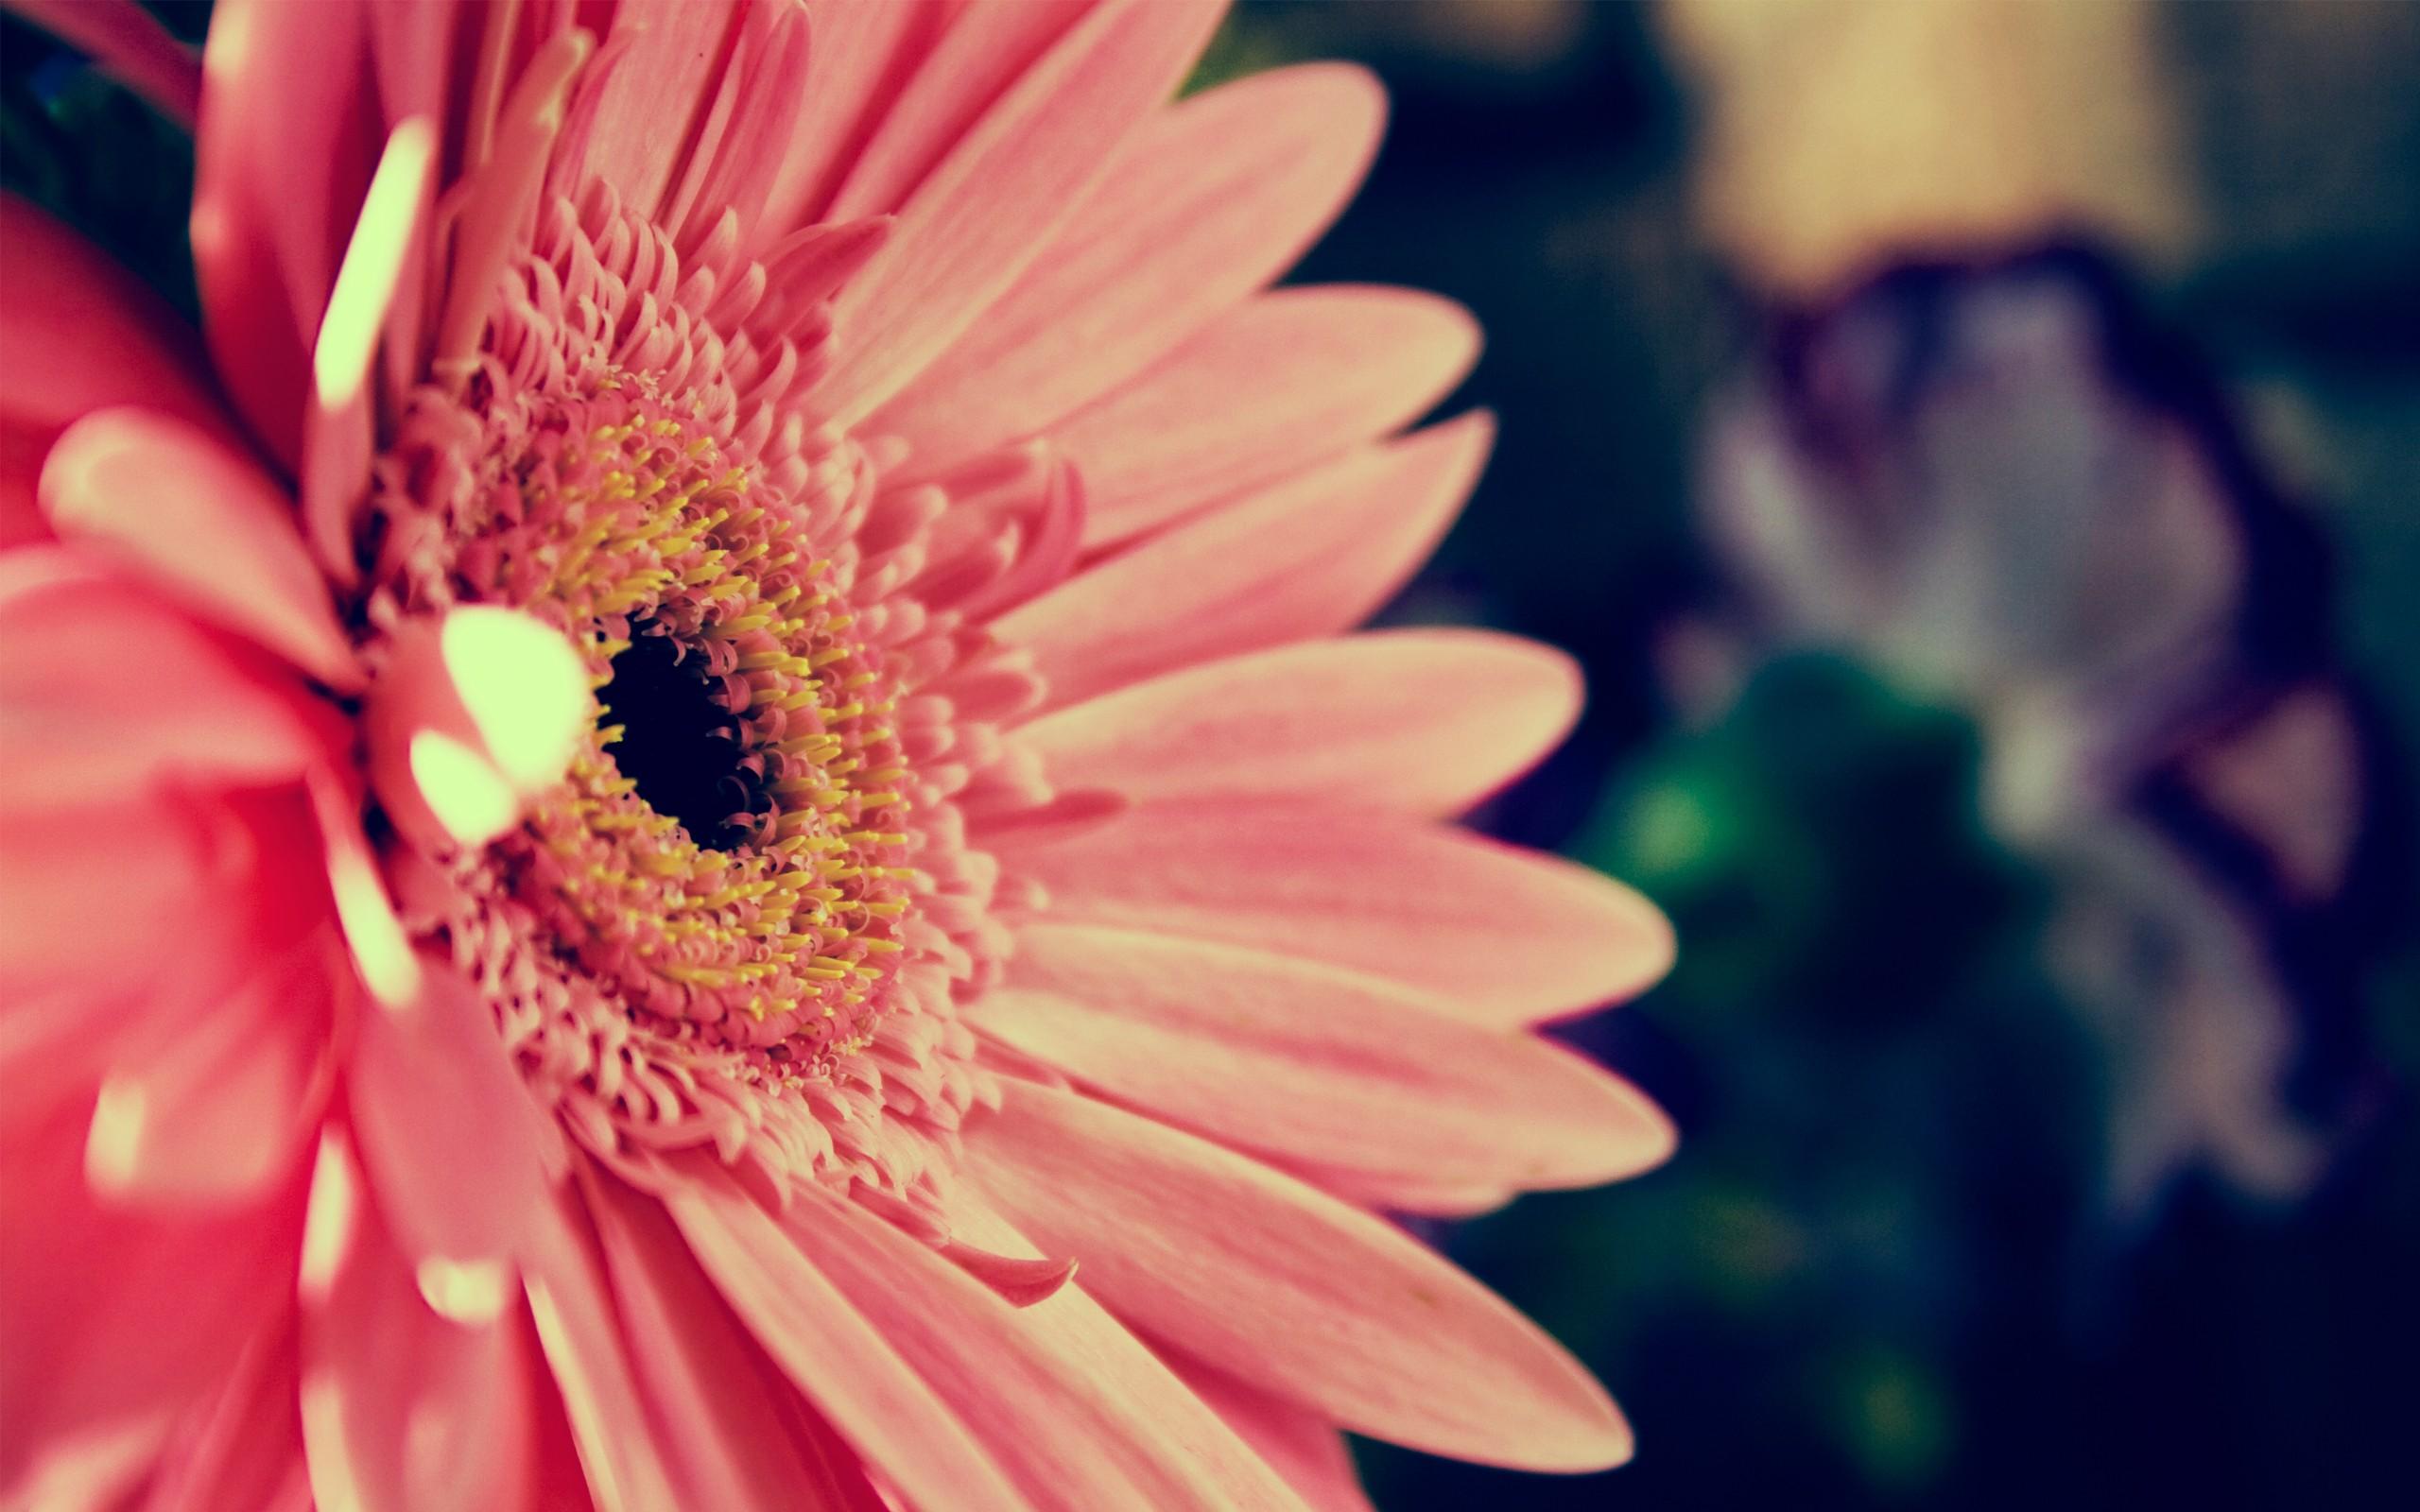 デスクトップ壁紙 ピンクの花 フラワーズ 自然 写真 黄 工場